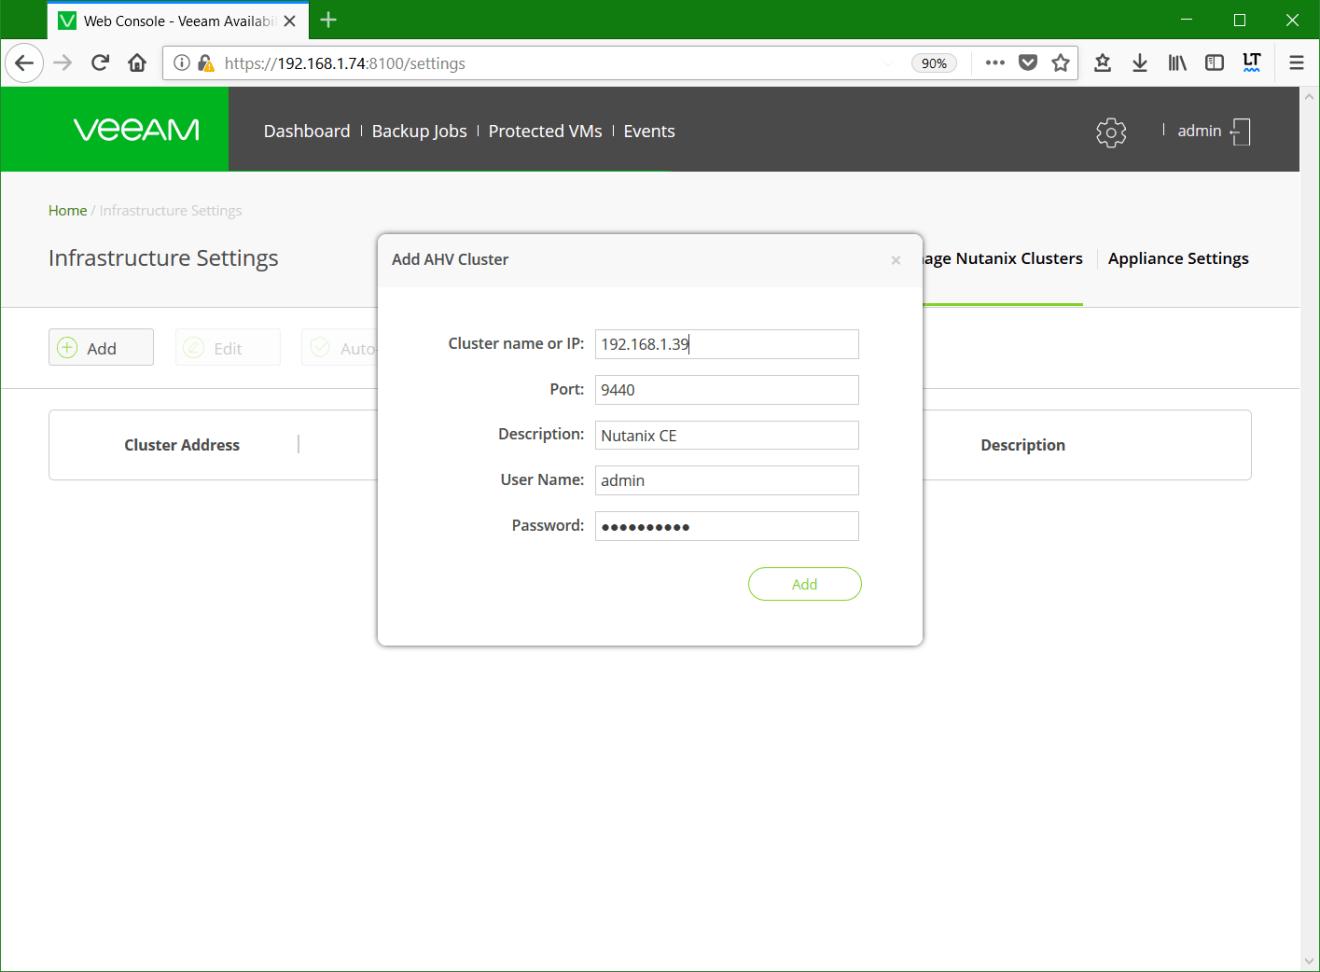 domalab.com Install Veeam VAN add nutanix cluster